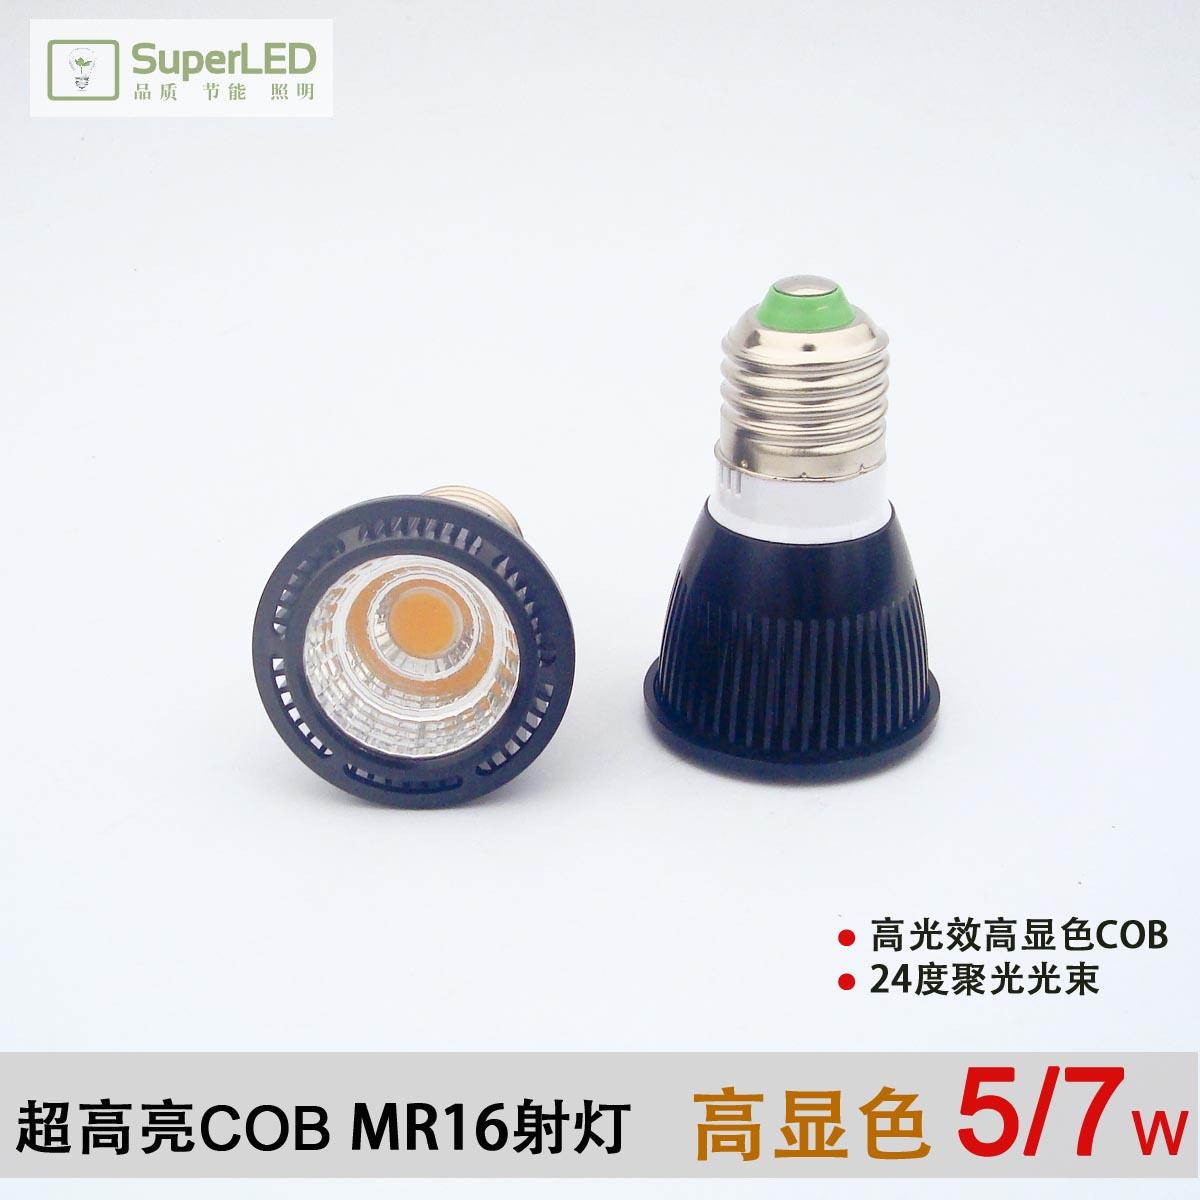 超高亮MR16射�� 餐�dE27高�@色LED�襞� COB黑色15 24度透�R反光杯